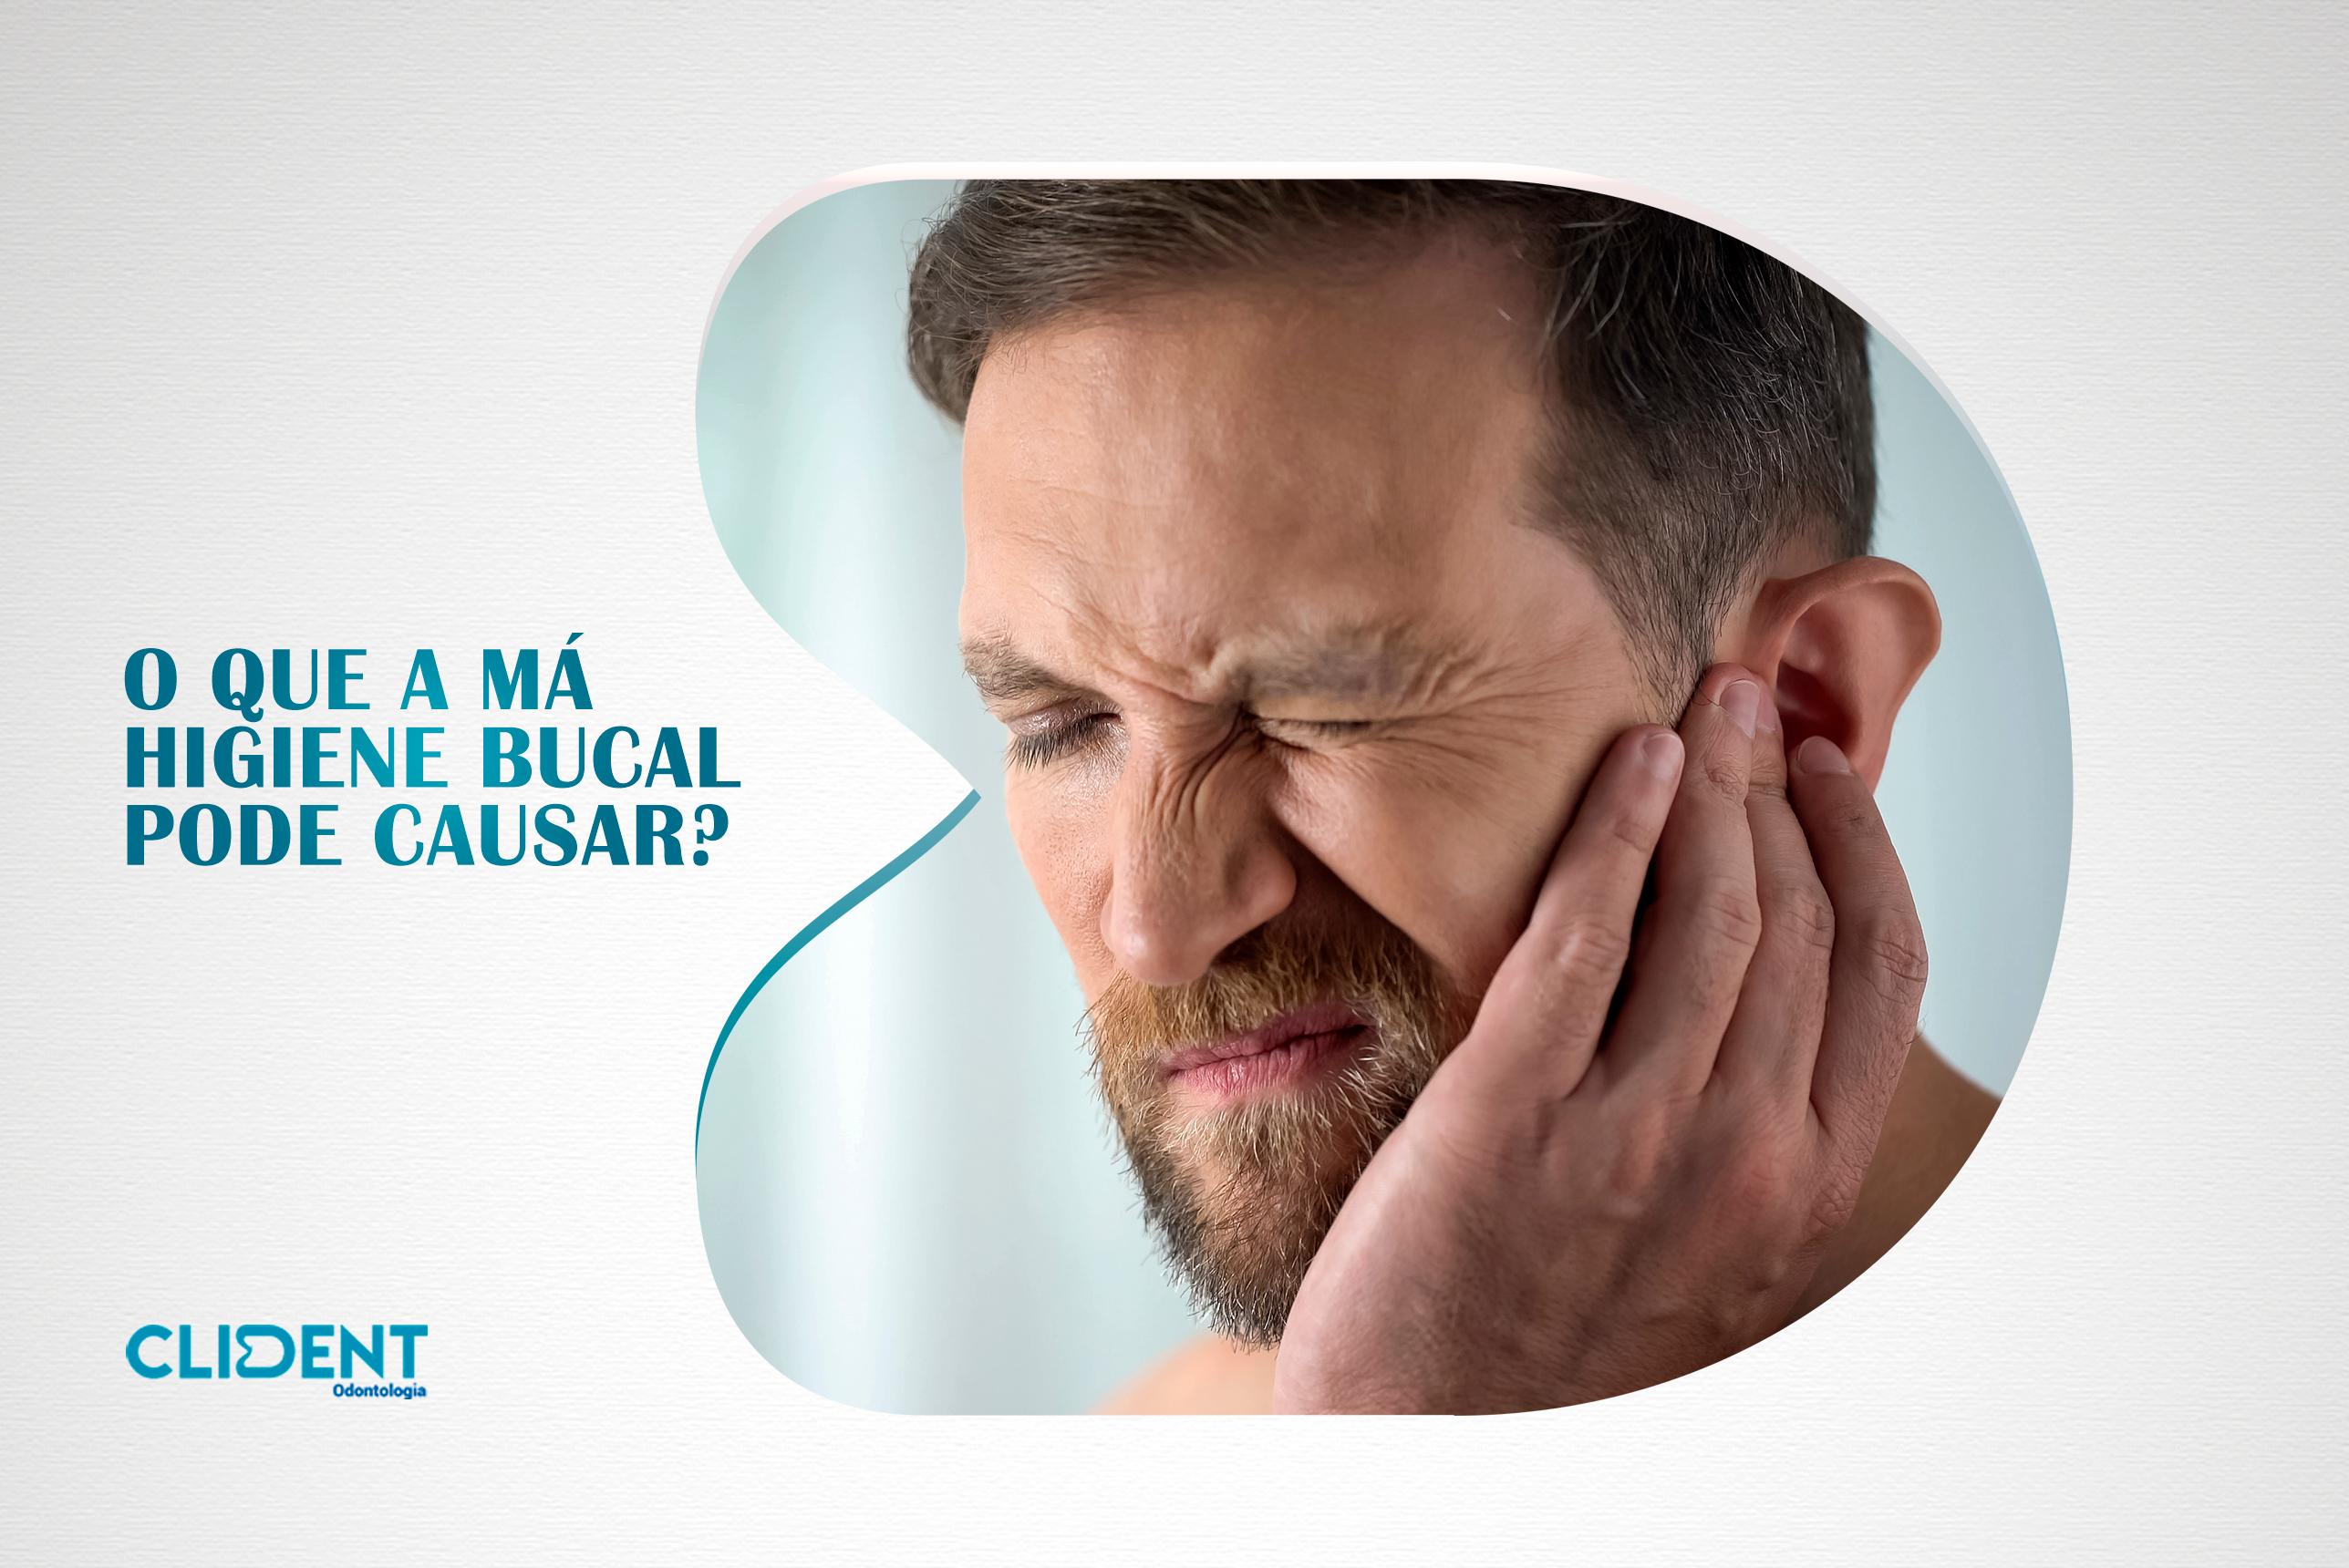 O que a má higiene bucal pode causar?